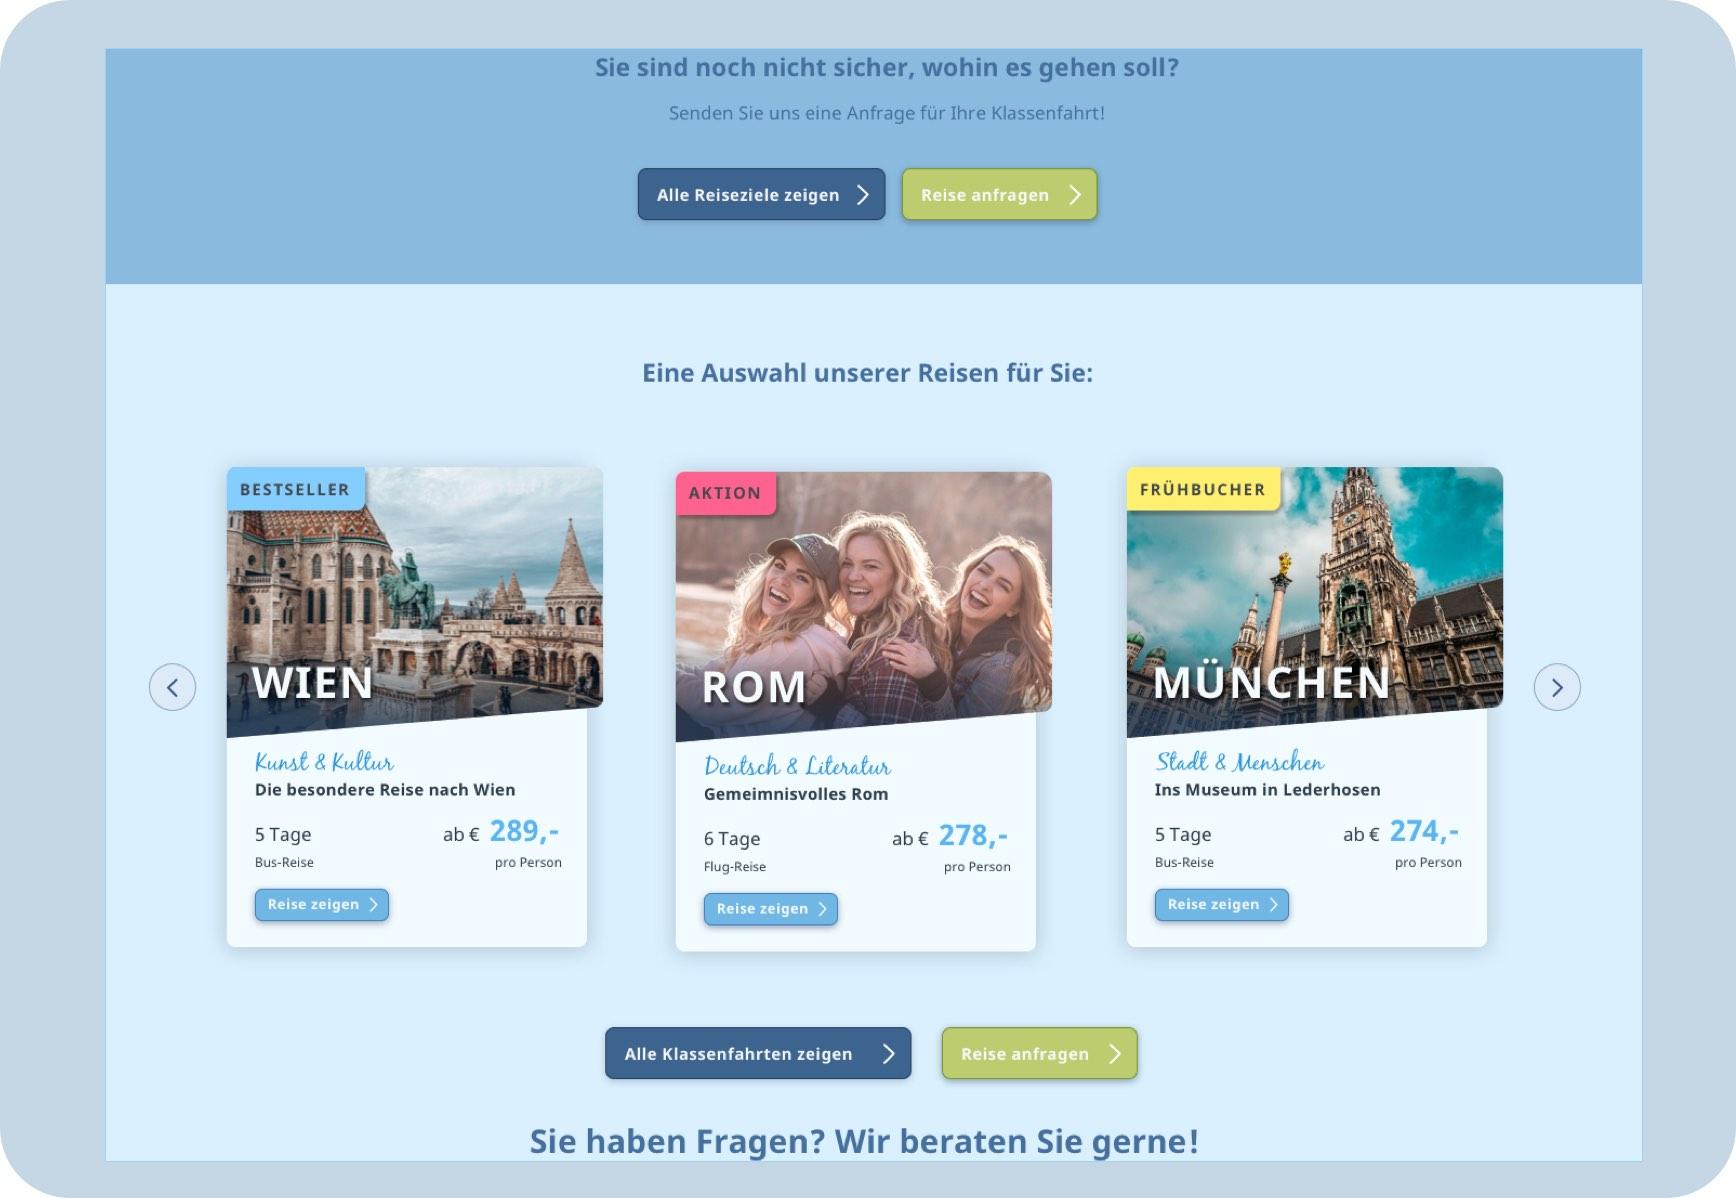 Reiseangebote Teaser auf der Startseite